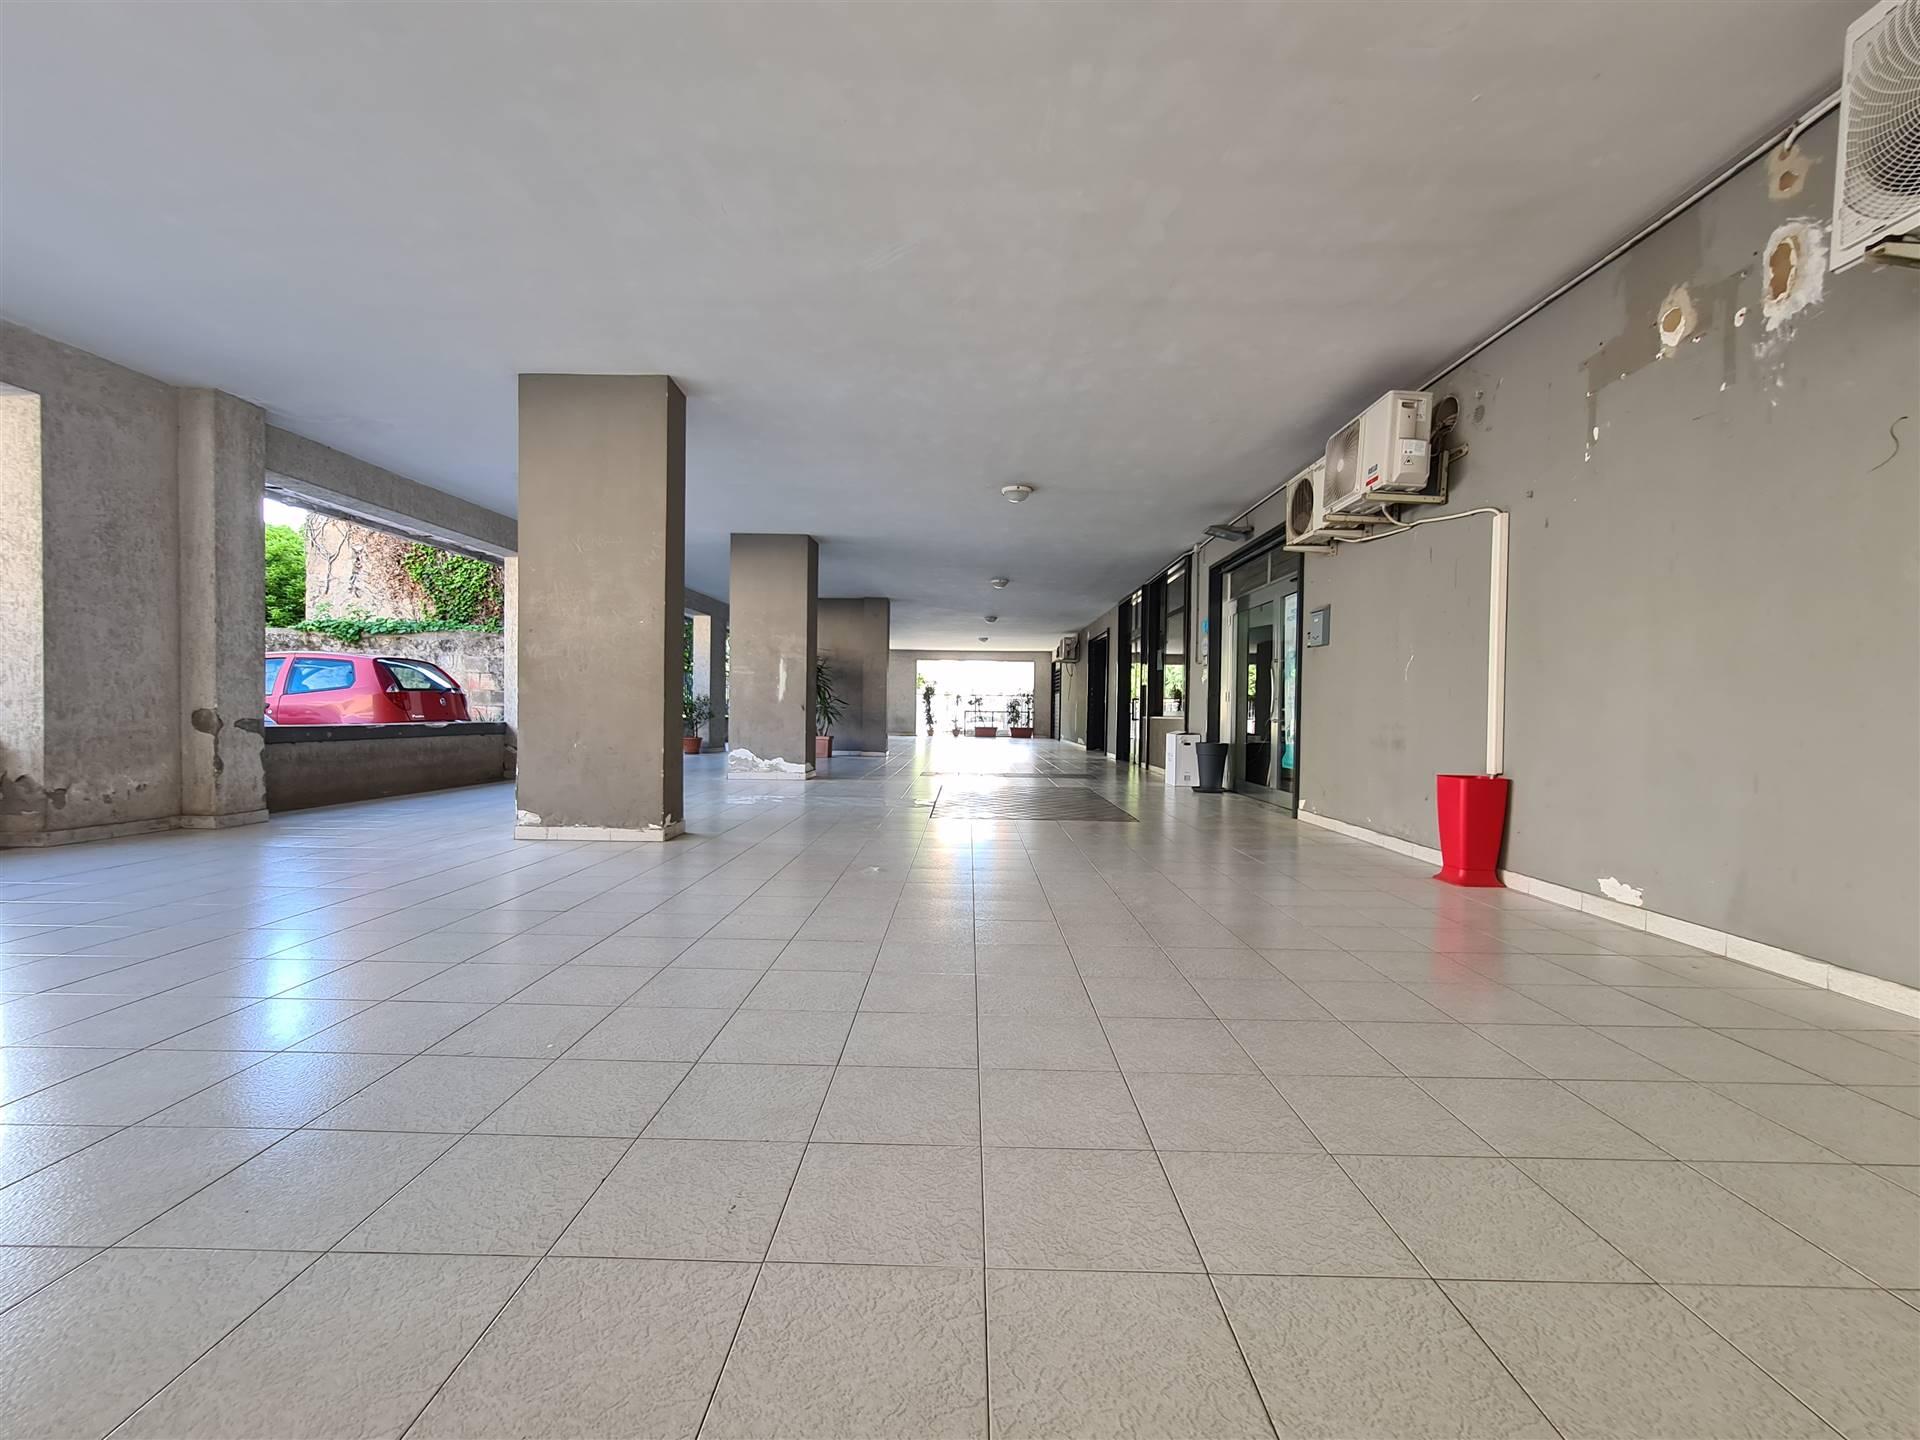 UF027E-Ufficio-SANTA-MARIA-CAPUA-VETERE-Via-Lugnano-